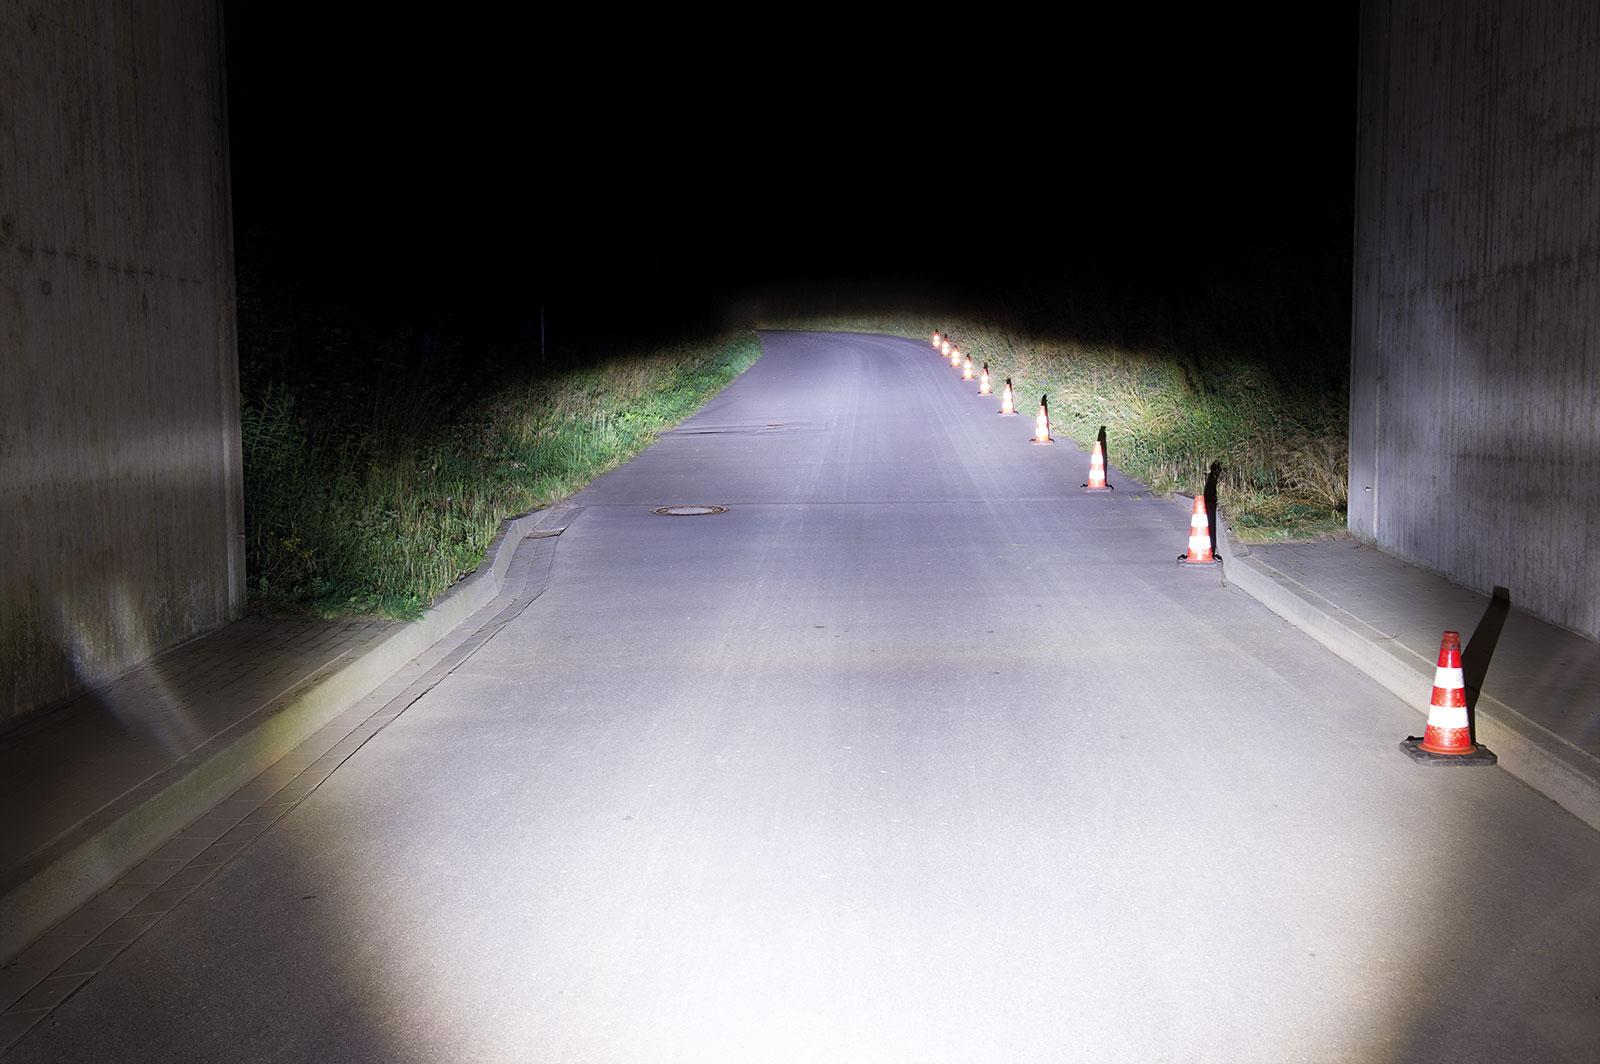 E Bike Beleuchtung | E Bike Beleuchtung E Motion E Bike Experten